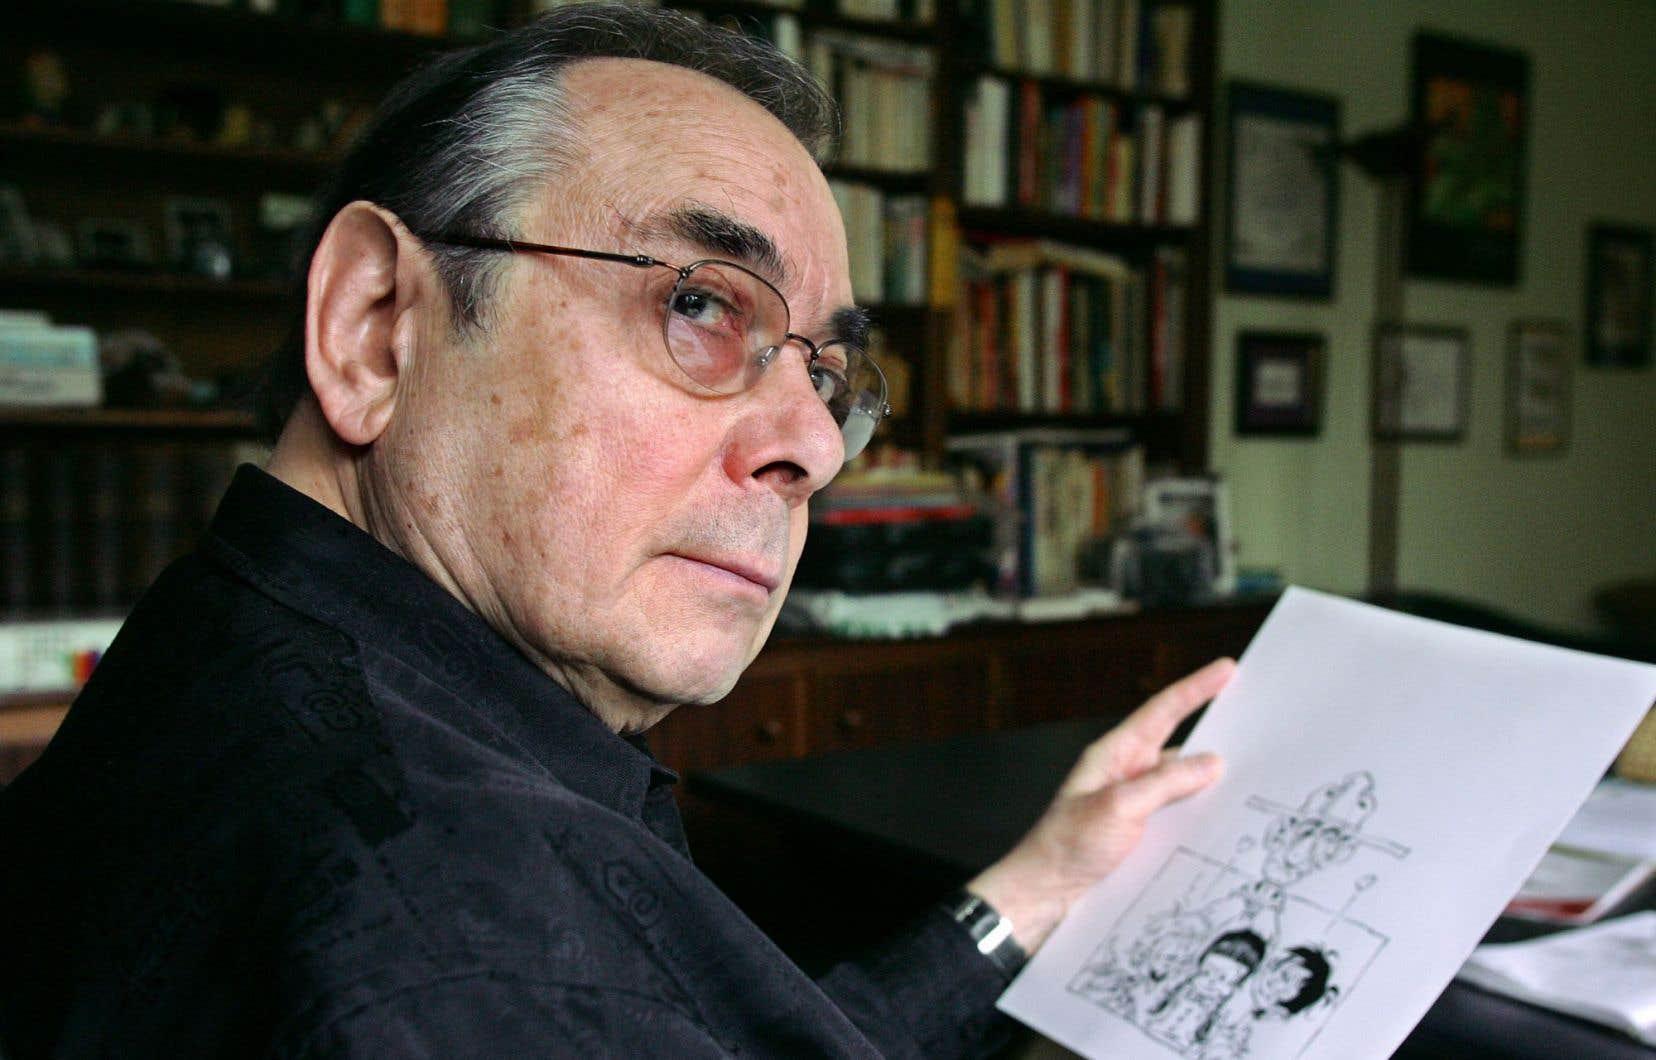 Le bédéiste français Marcel Gottlieb, dit Gotlib, cultivait un humour noir, caustique et absurde.